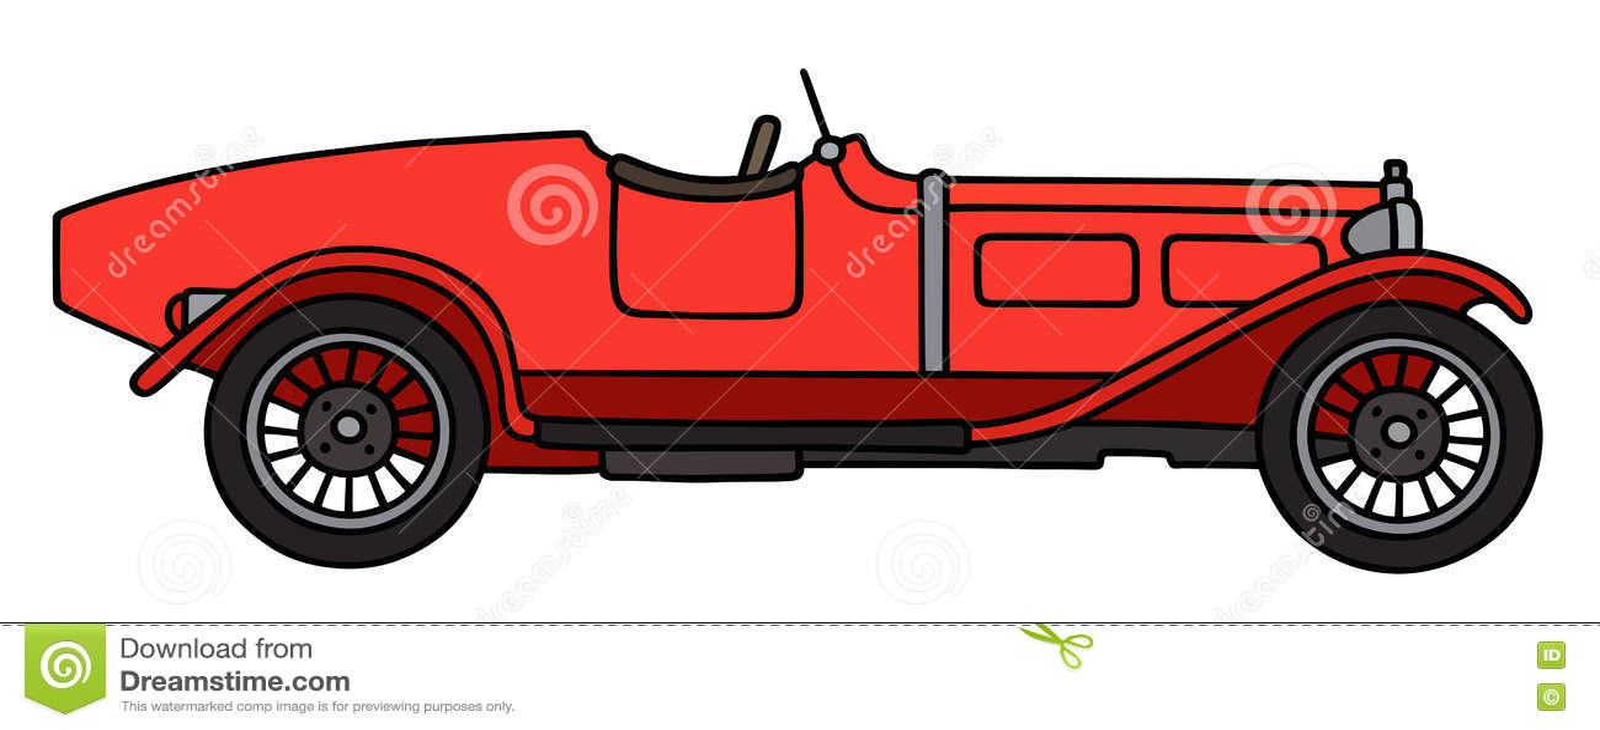 Винтажный красный родстер